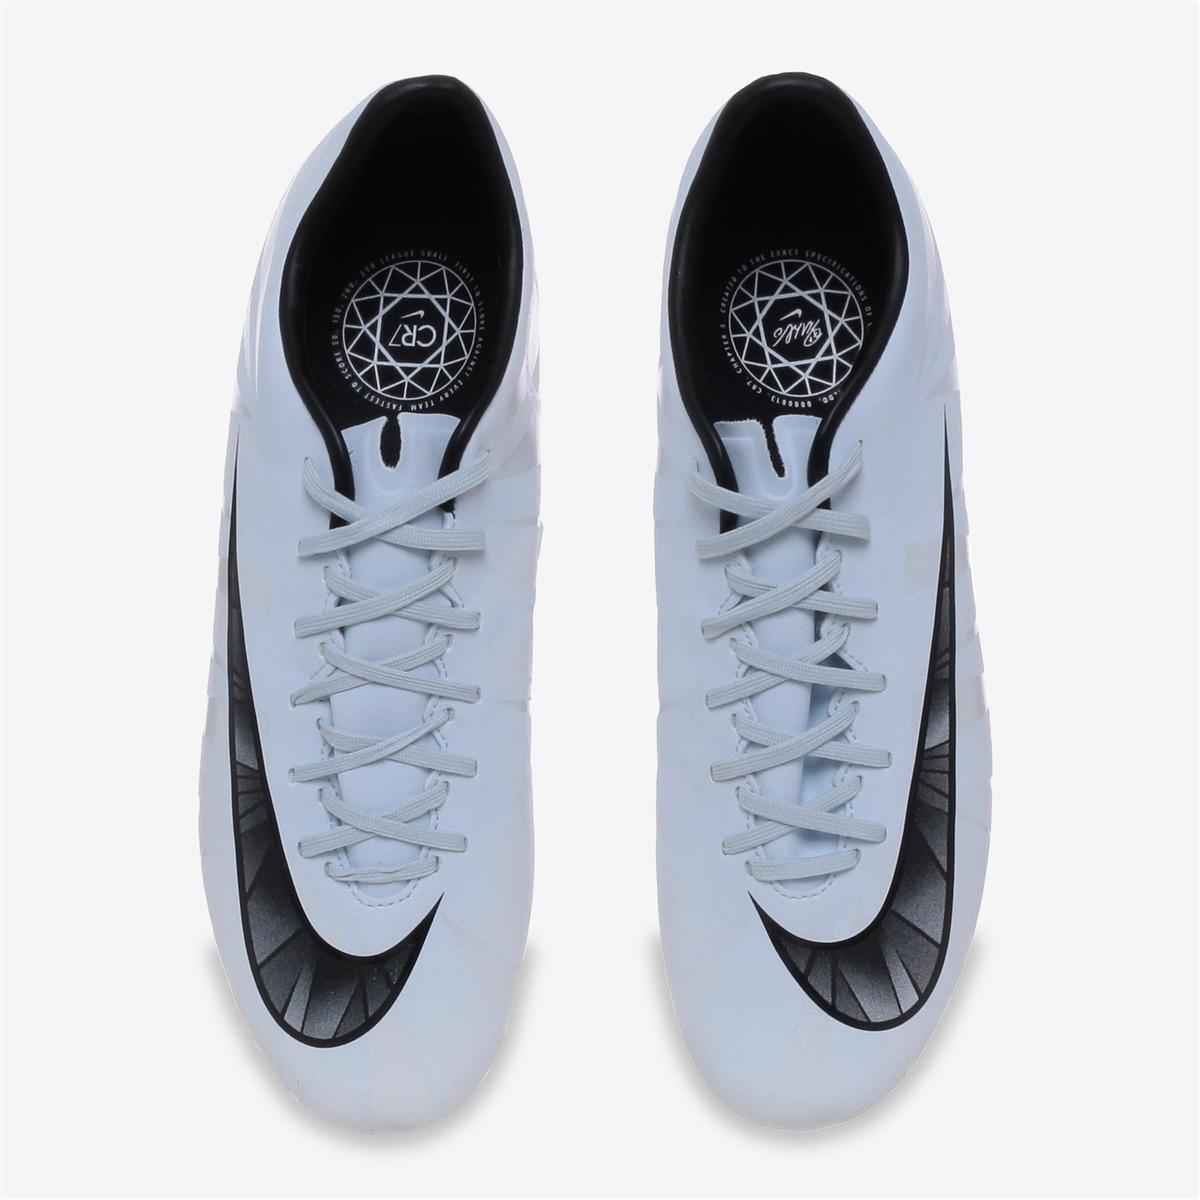 Chuteira Nike Mercurial Victory 6 Cr7 Fg Campo Original + Nf - R ... 625e7309eb2ff